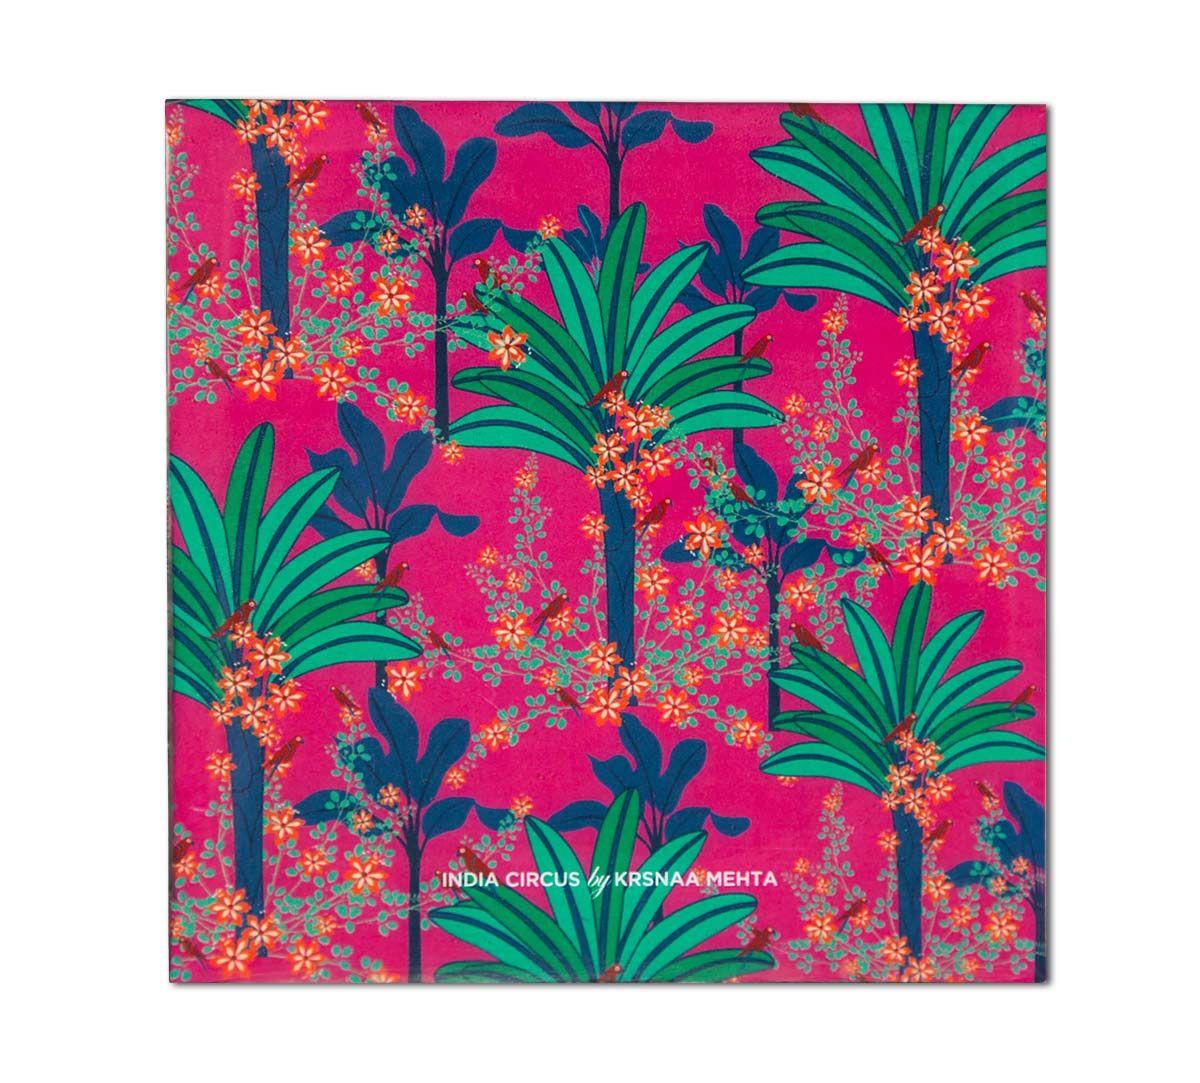 India Circus Royal Palms Table Coaster